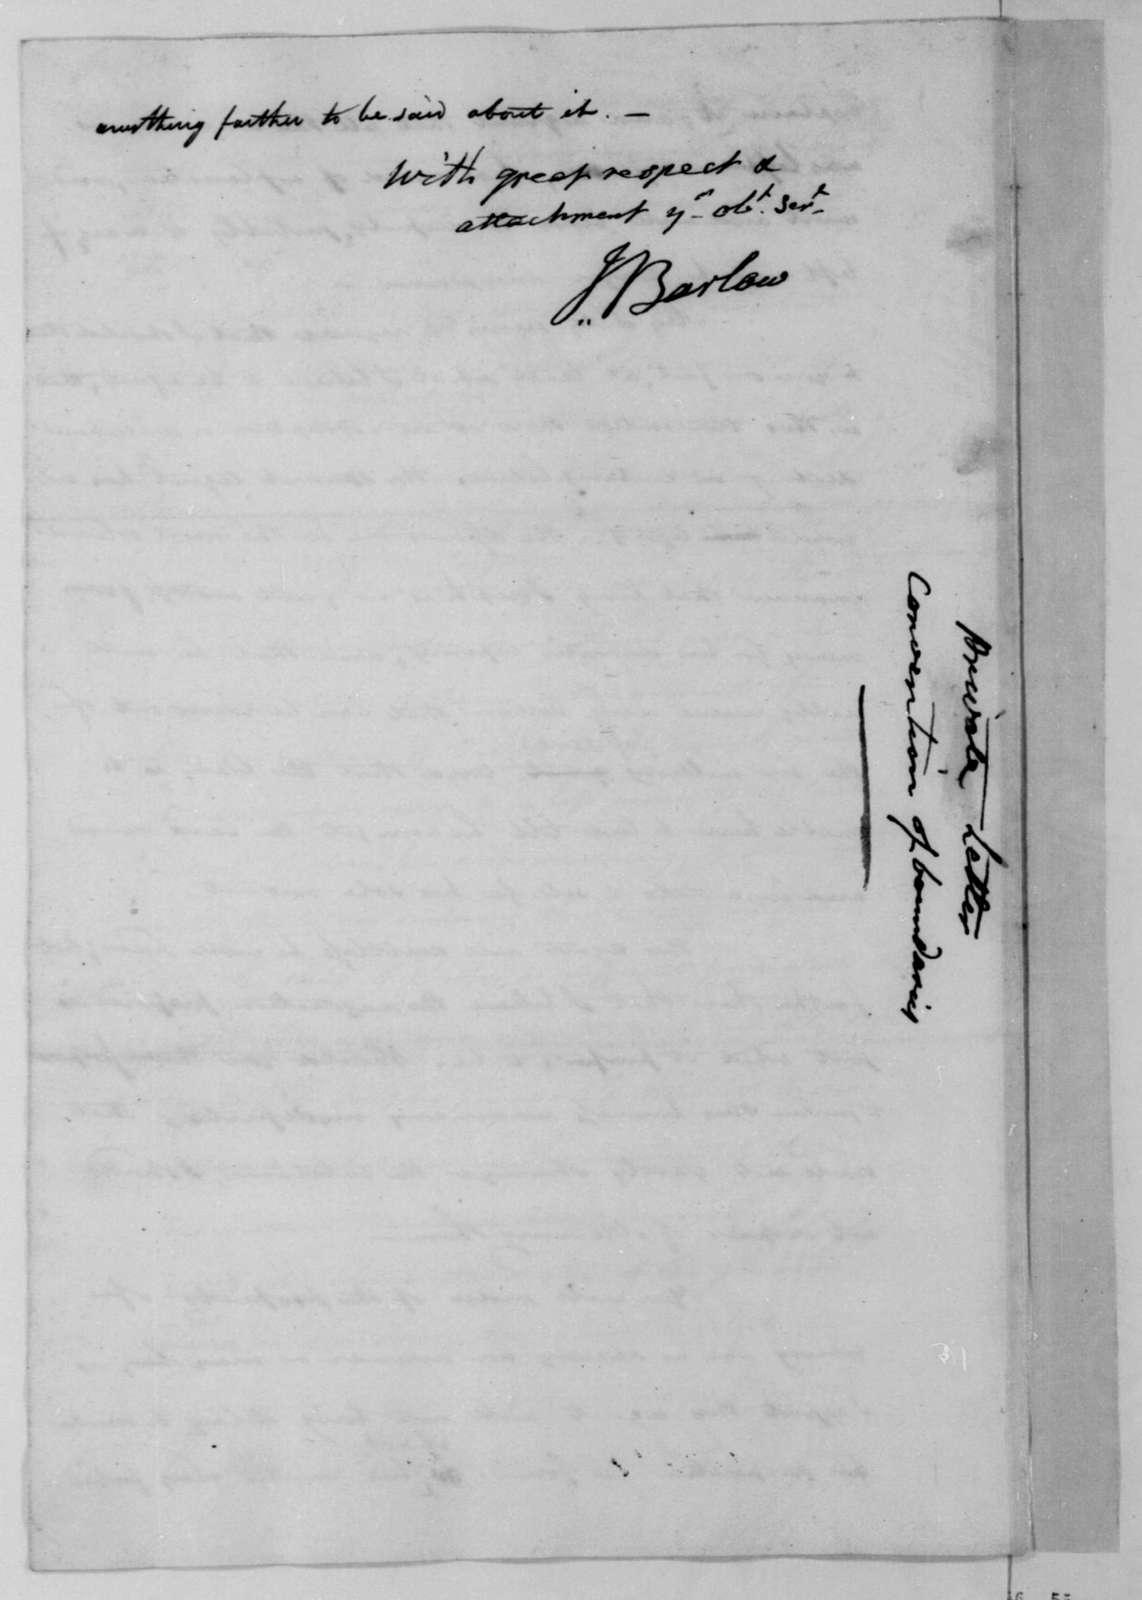 Joel Barlow to James Madison, December 30, 1811.